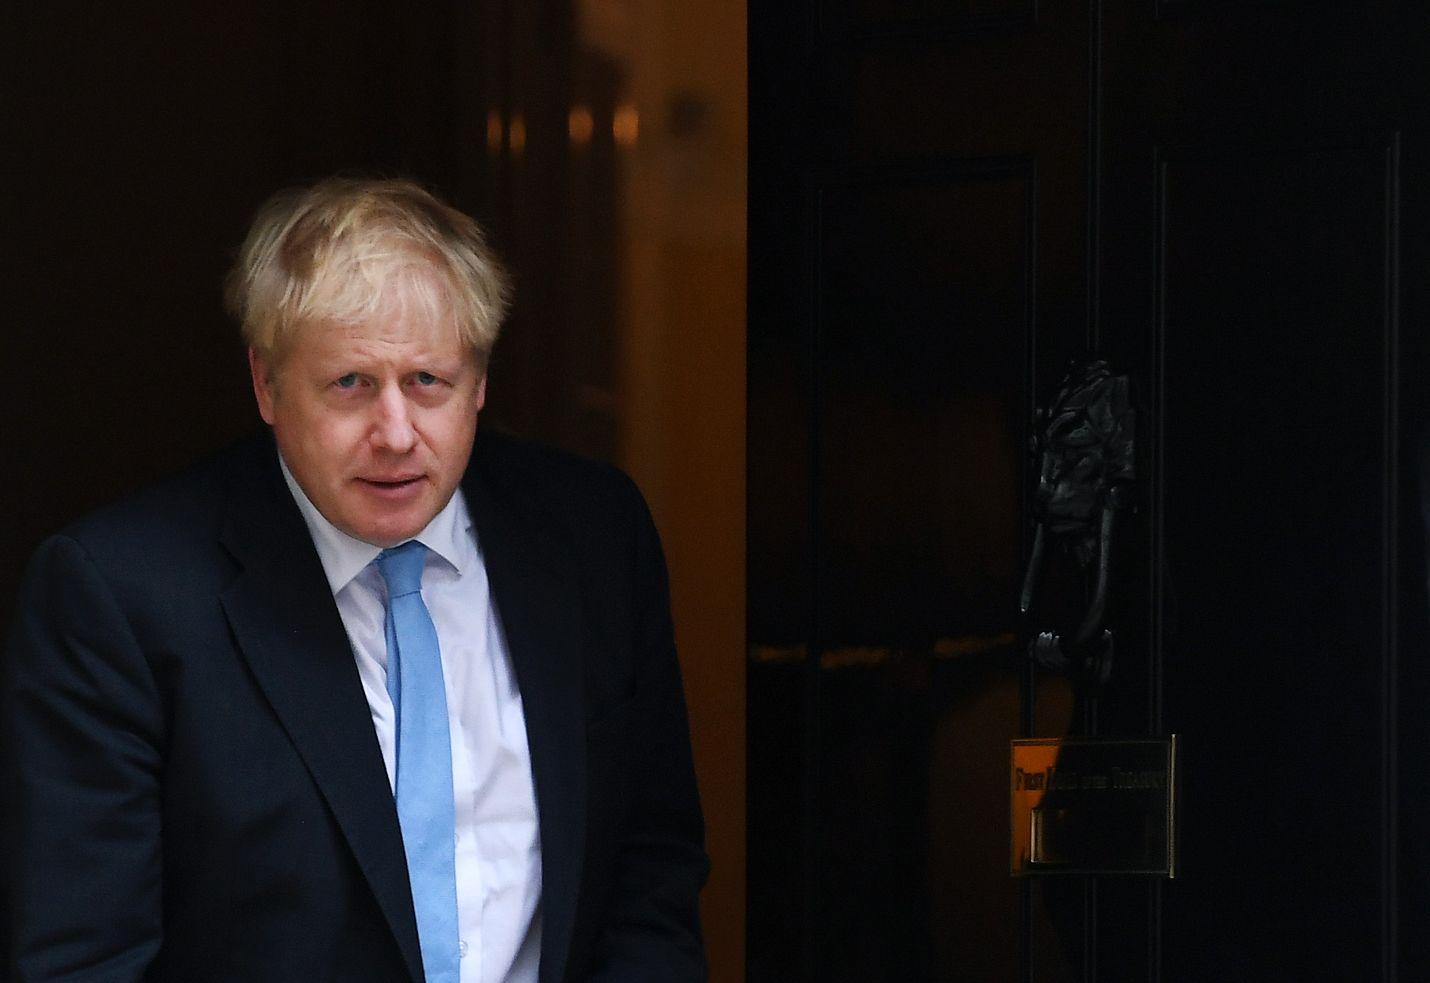 Britannian pääministeri Boris Johnson ilmoitti uudesta erosopimuksesta EU:n kanssa torstaina.